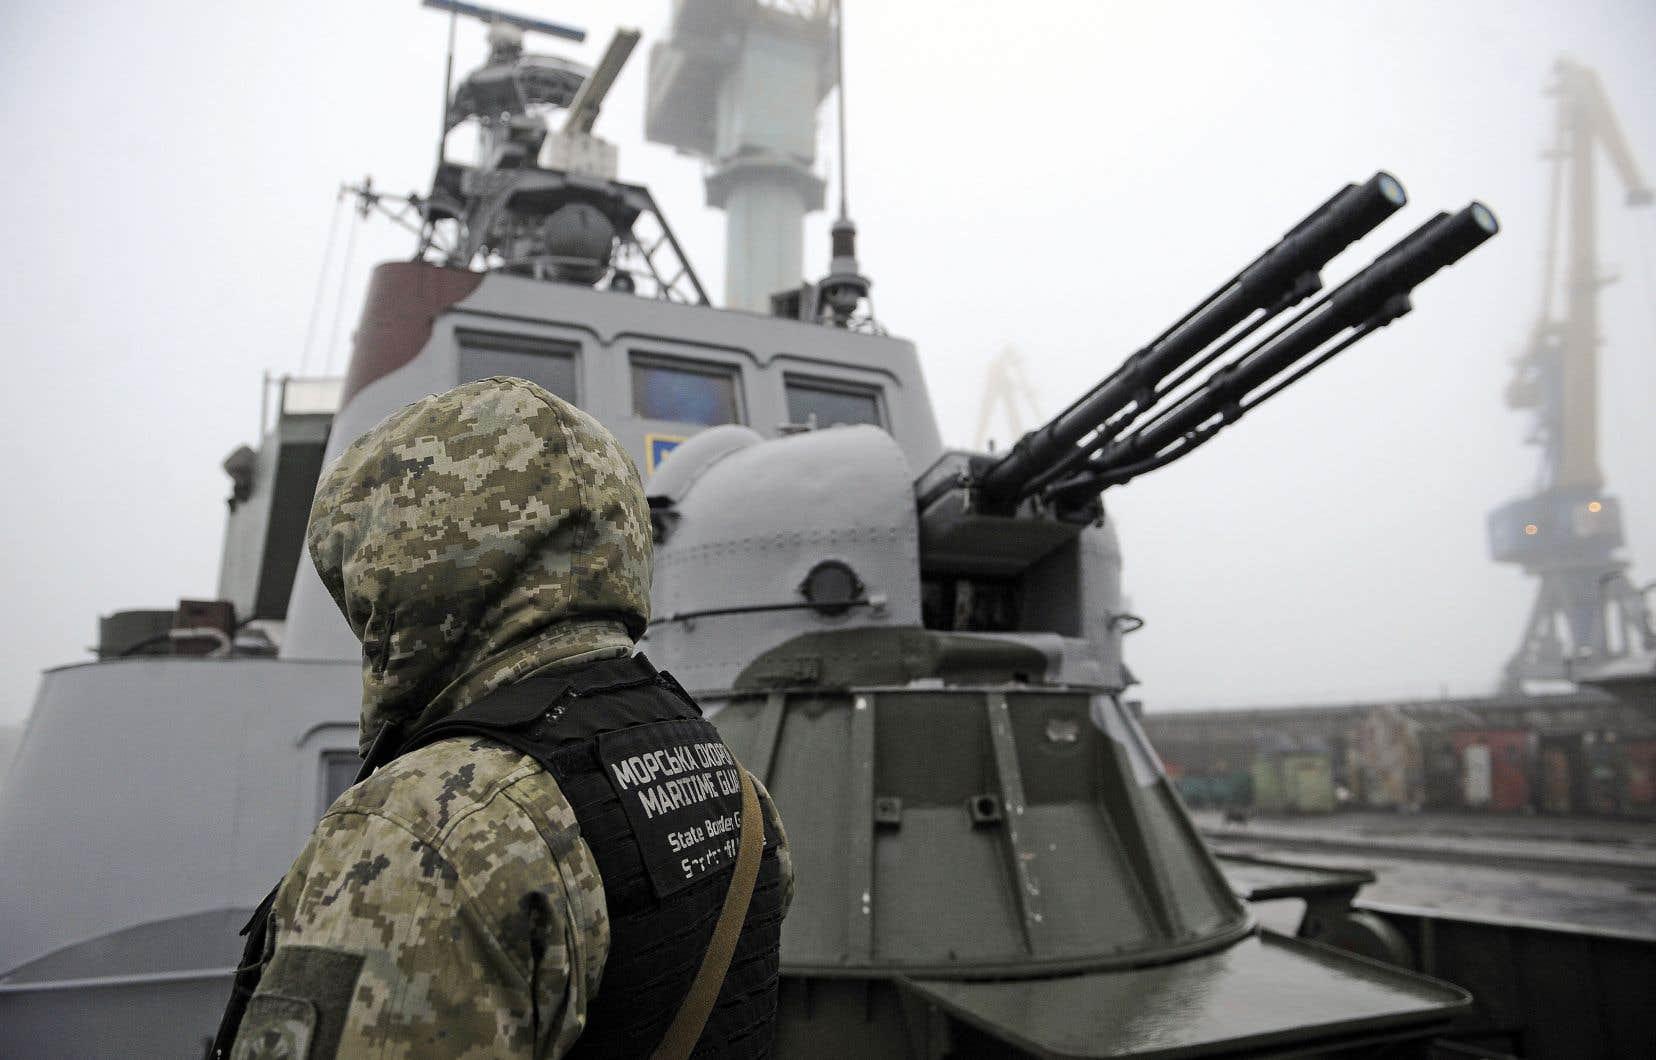 Un soldat ukrainien à bord d'un navire militaire, à Marioupol, dans la mer d'Azov.